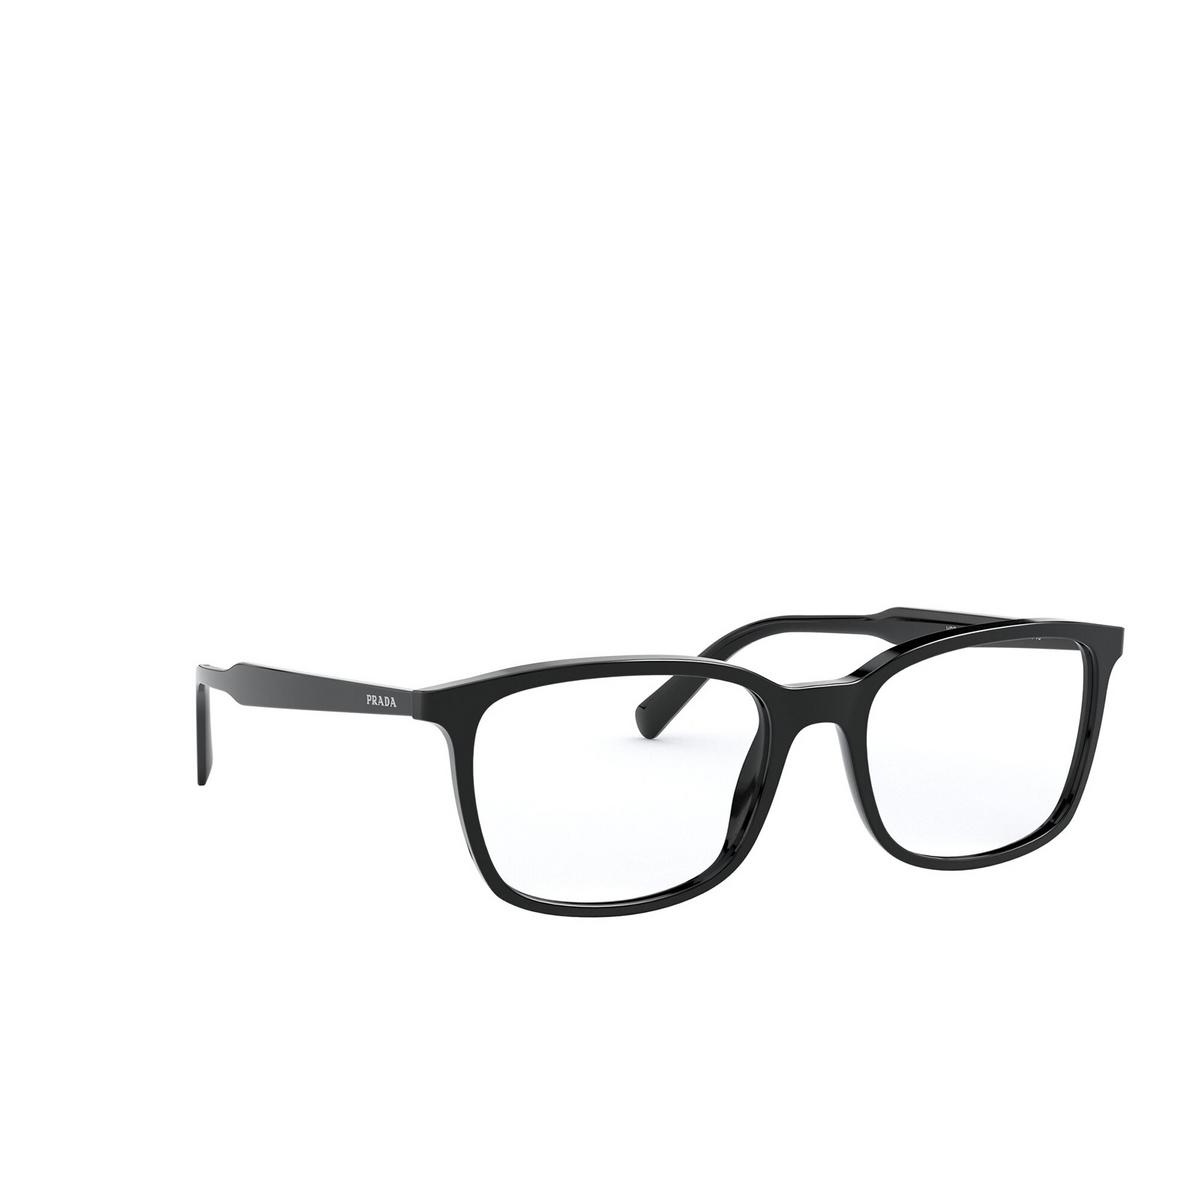 Prada® Rectangle Eyeglasses: Conceptual PR 13XV color Black 1AB1O1 - three-quarters view.